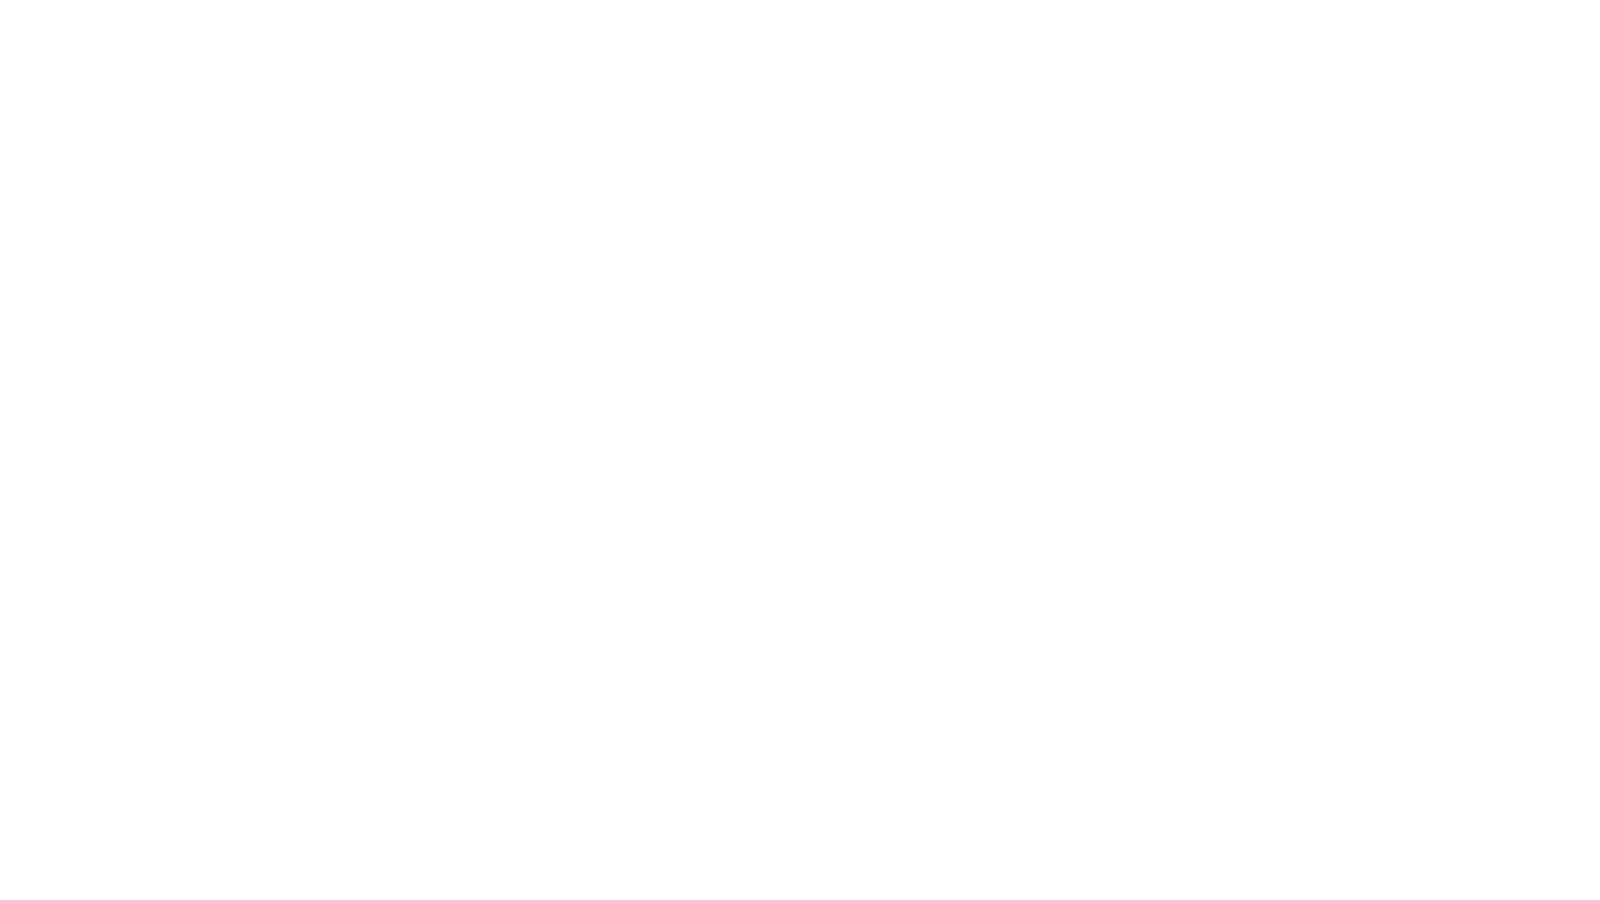 ペルシャ猫を迎える準備でシャンプーをしました‼️ とても綺麗になりました〜✨  ▼猫暖心(ねこだんご)公式サイト https://nekodango.net/  ▼twitter https://twitter.com/nekodangonet  ▼facebook https://www.facebook.com/nekodangonetfb  ▼Instagram https://www.instagram.com/nekodangonet/  ▼tumblr https://nekodangonet.tumblr.com/  #猫 #保護猫 #猫の里親募集 #猫の譲渡会 #猫の預かり #猫の引き取り #猫の相談